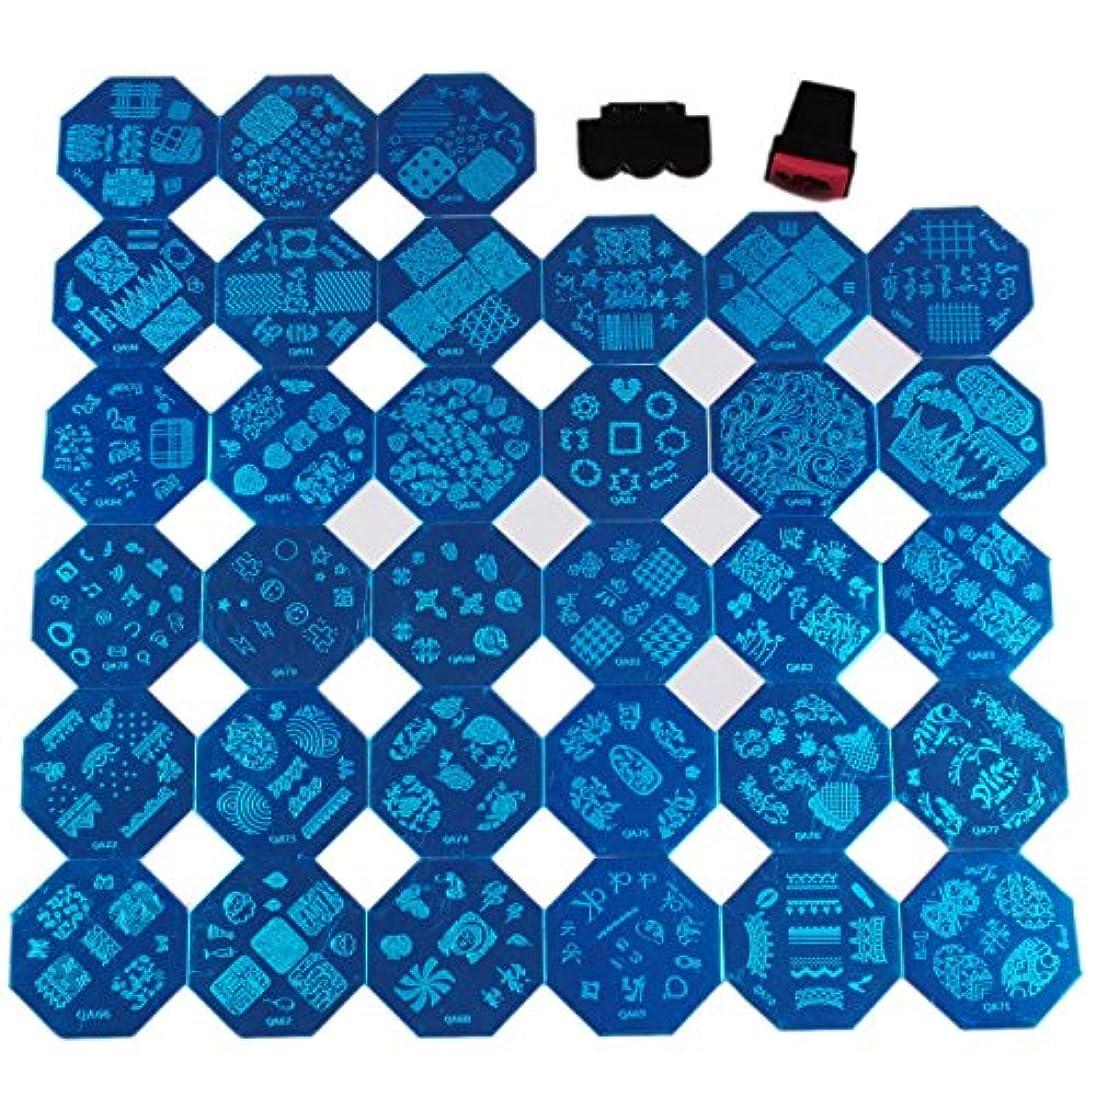 間接的増幅するベッドを作るFingerAngel ネイルイメージプレートセット 八角形ネイルプレート 33枚 スタンプ スクレーパー付き ネイルサロンも自宅も適用なネイルプレート 初心者に簡単に仕上がるネイルアート